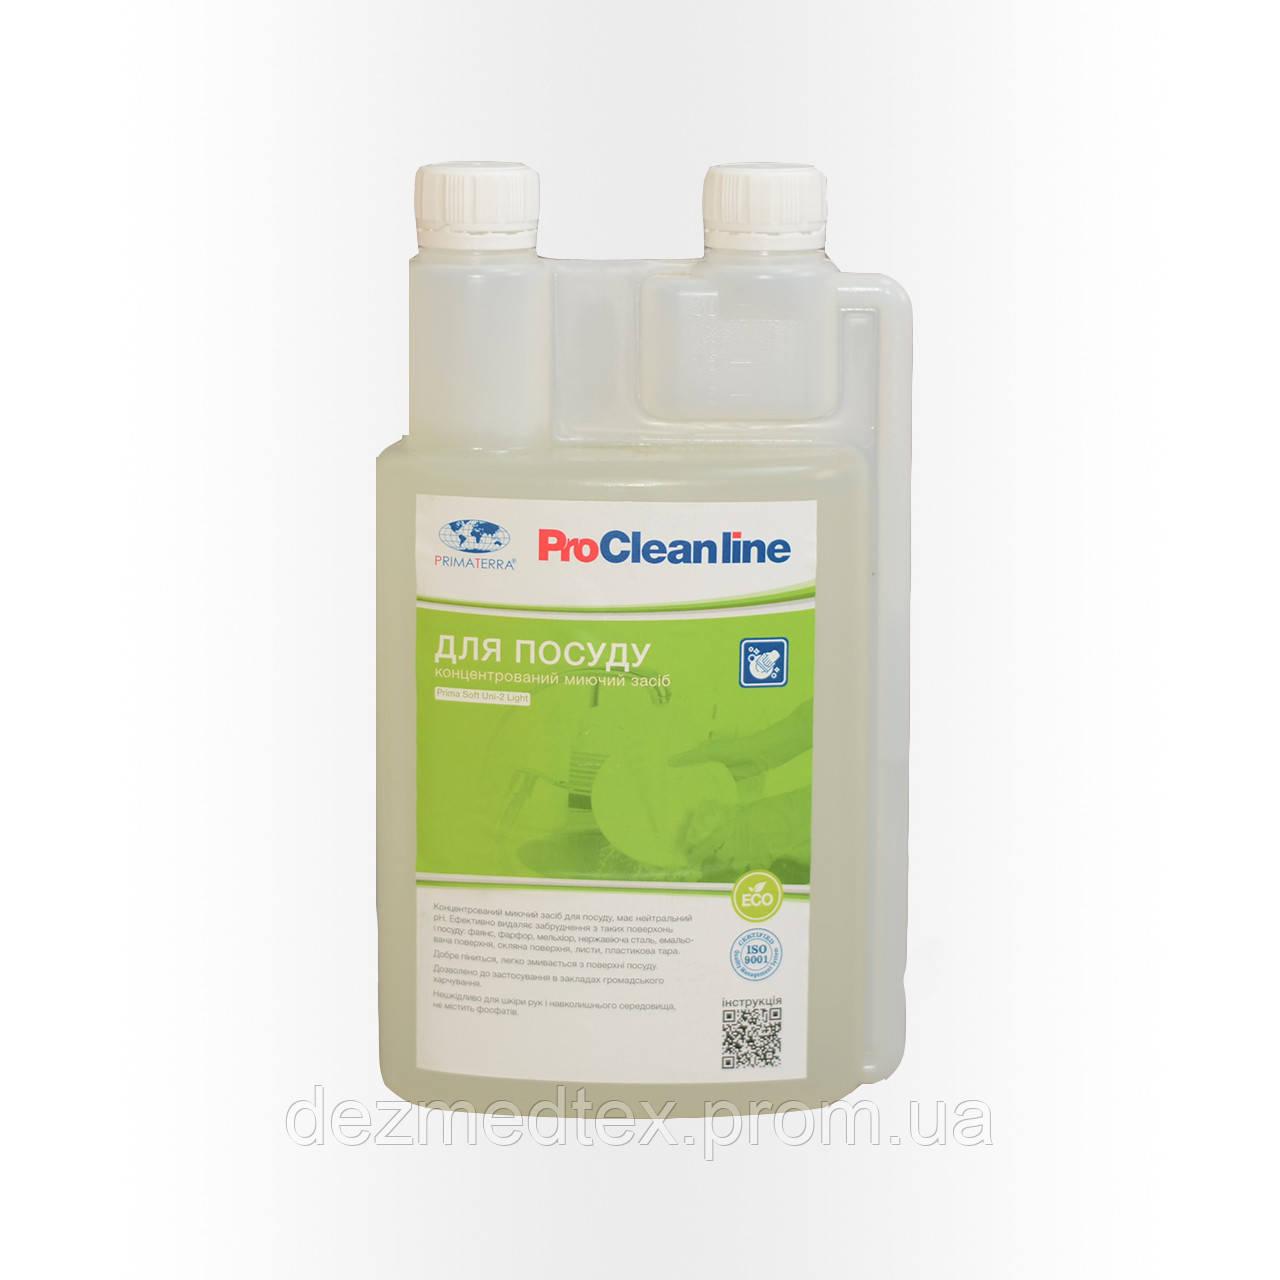 Моющее средство для посуды, концентрат(1/10), PRIMATERRA Uni-2 (1кг)Д